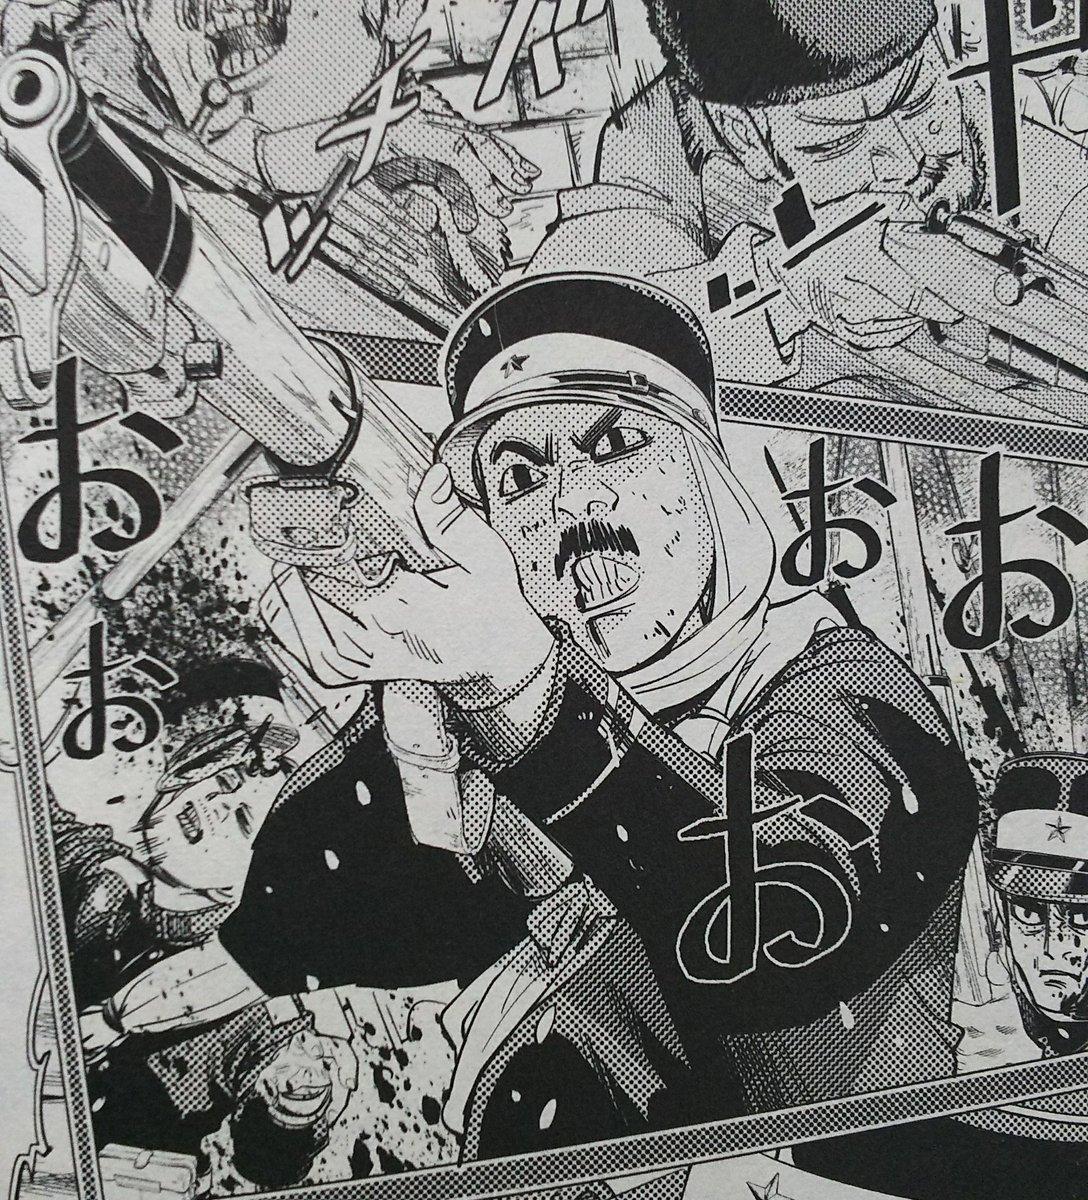 """サムハラ ٹوئٹر پر: """"玉井の遍歴(個人的妄想) 日露戦争時:一等卒 ..."""